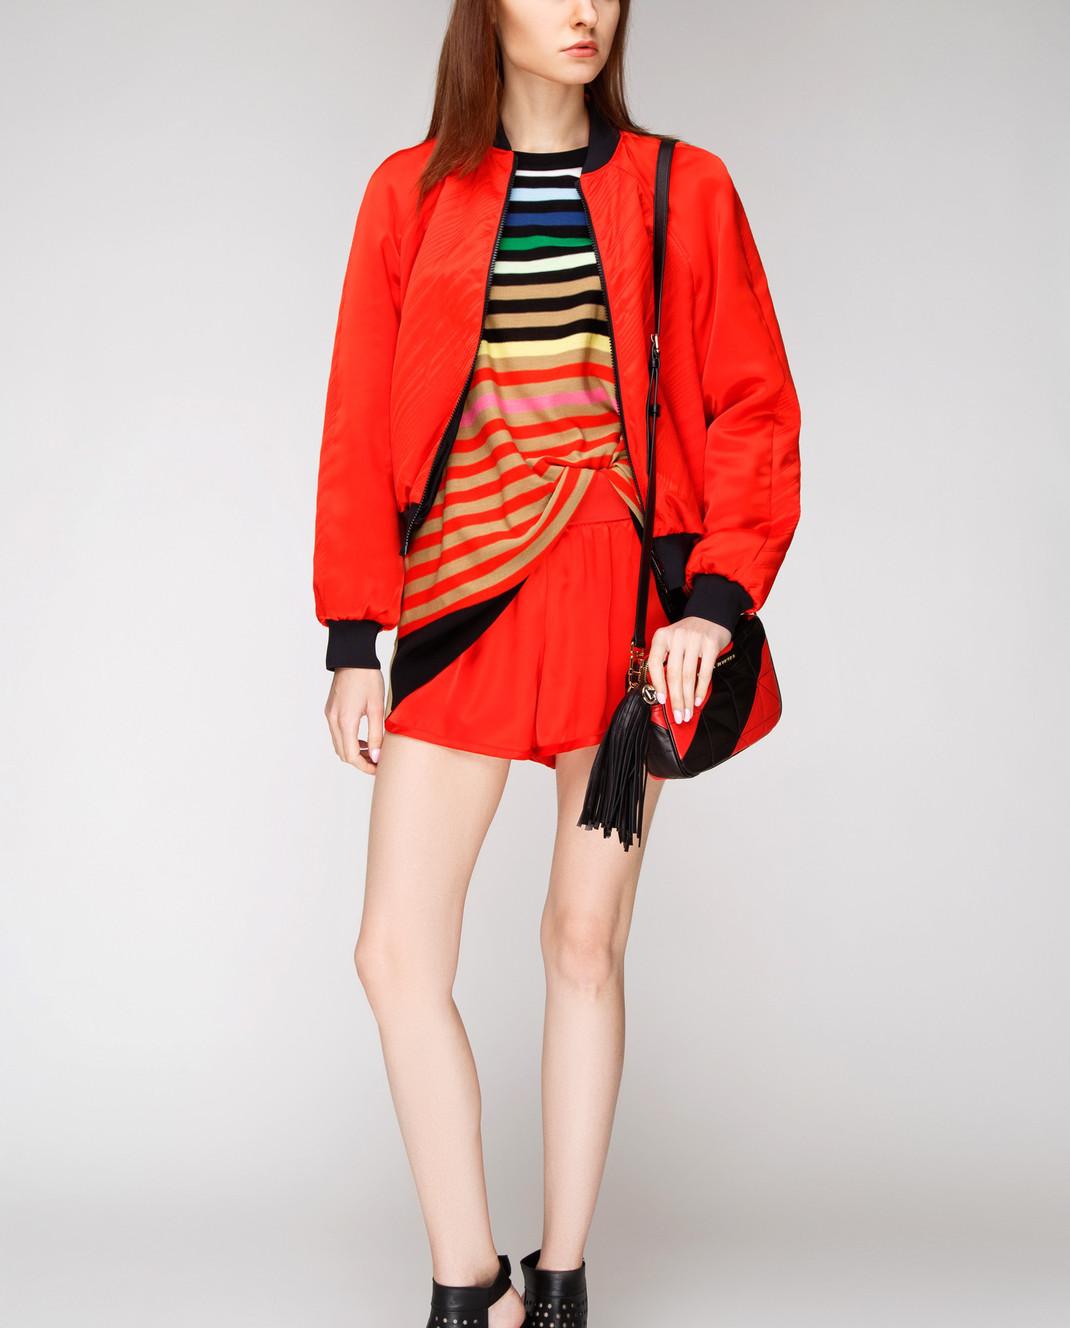 Sonia Rykiel Красные шорты 15402306 изображение 2